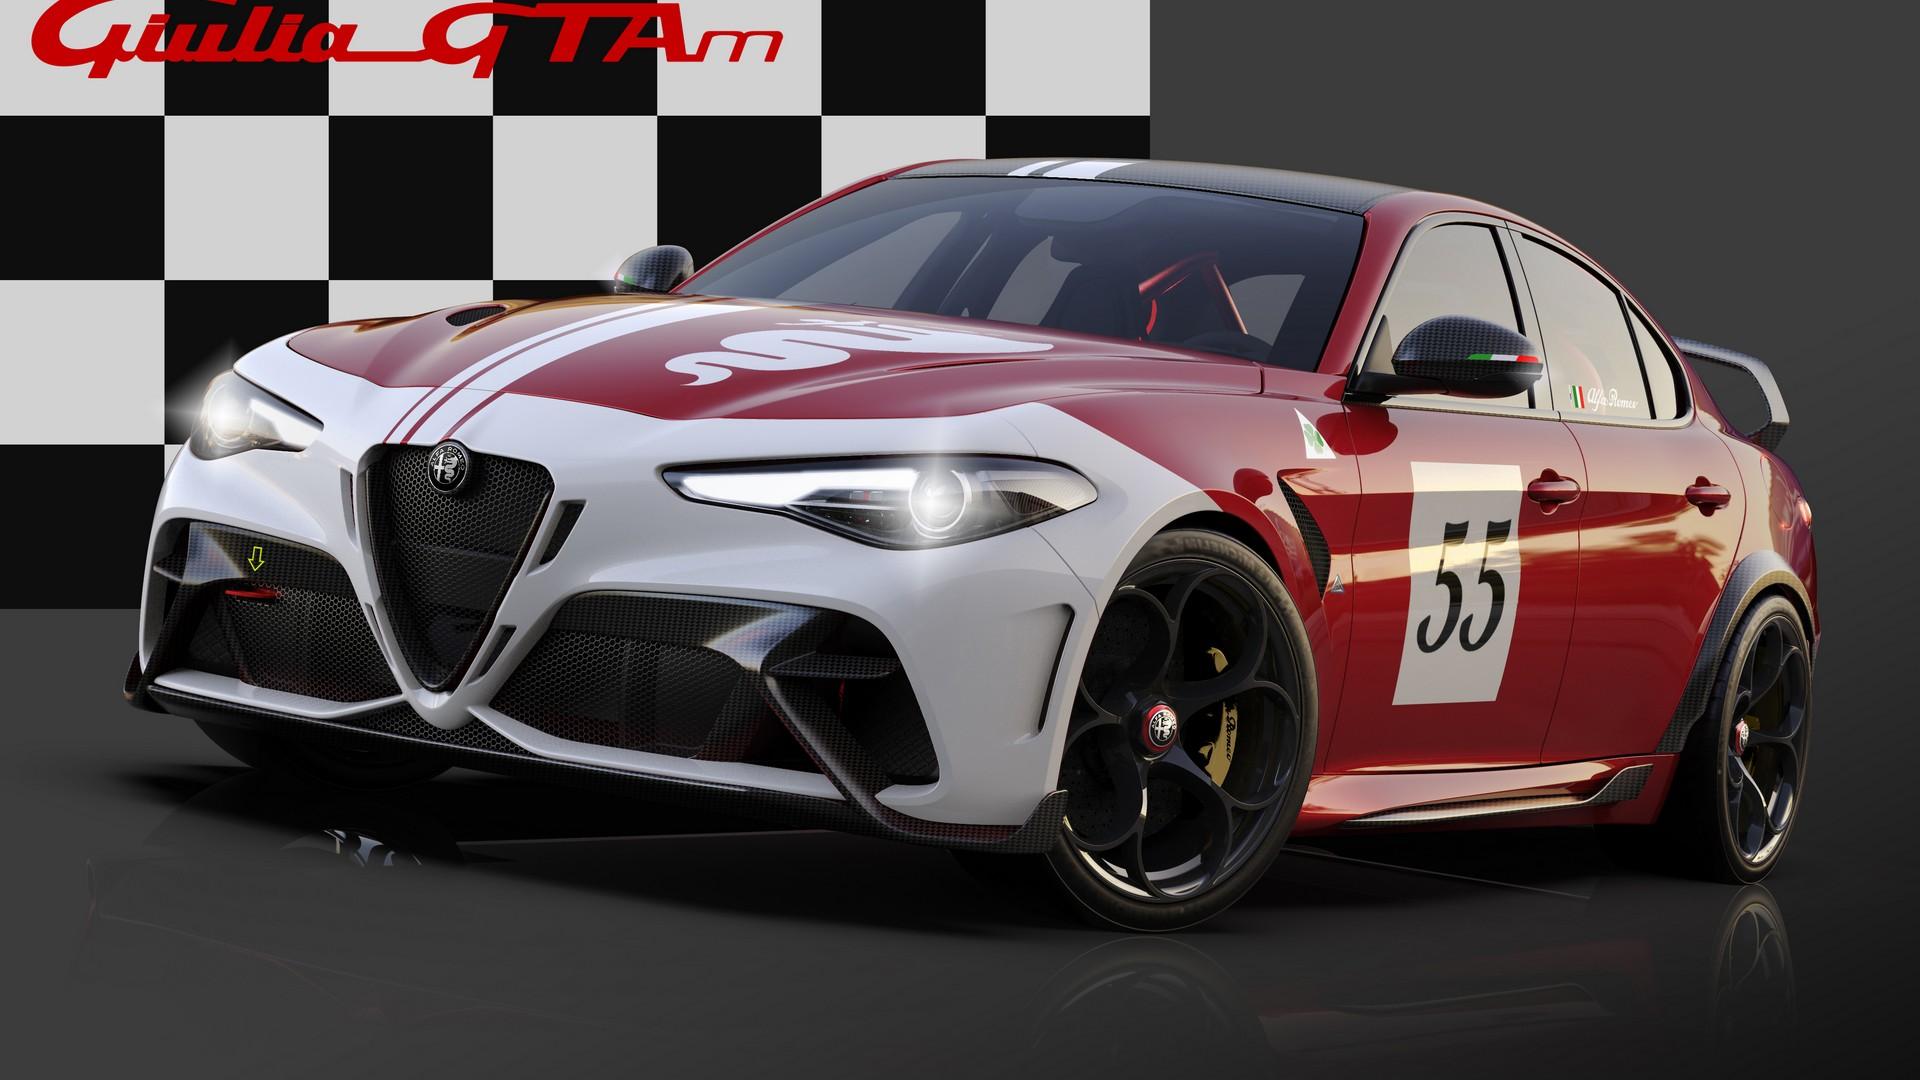 El Alfa Romeo Giulia GTA luce pedigrí con libreas históricas de carreras